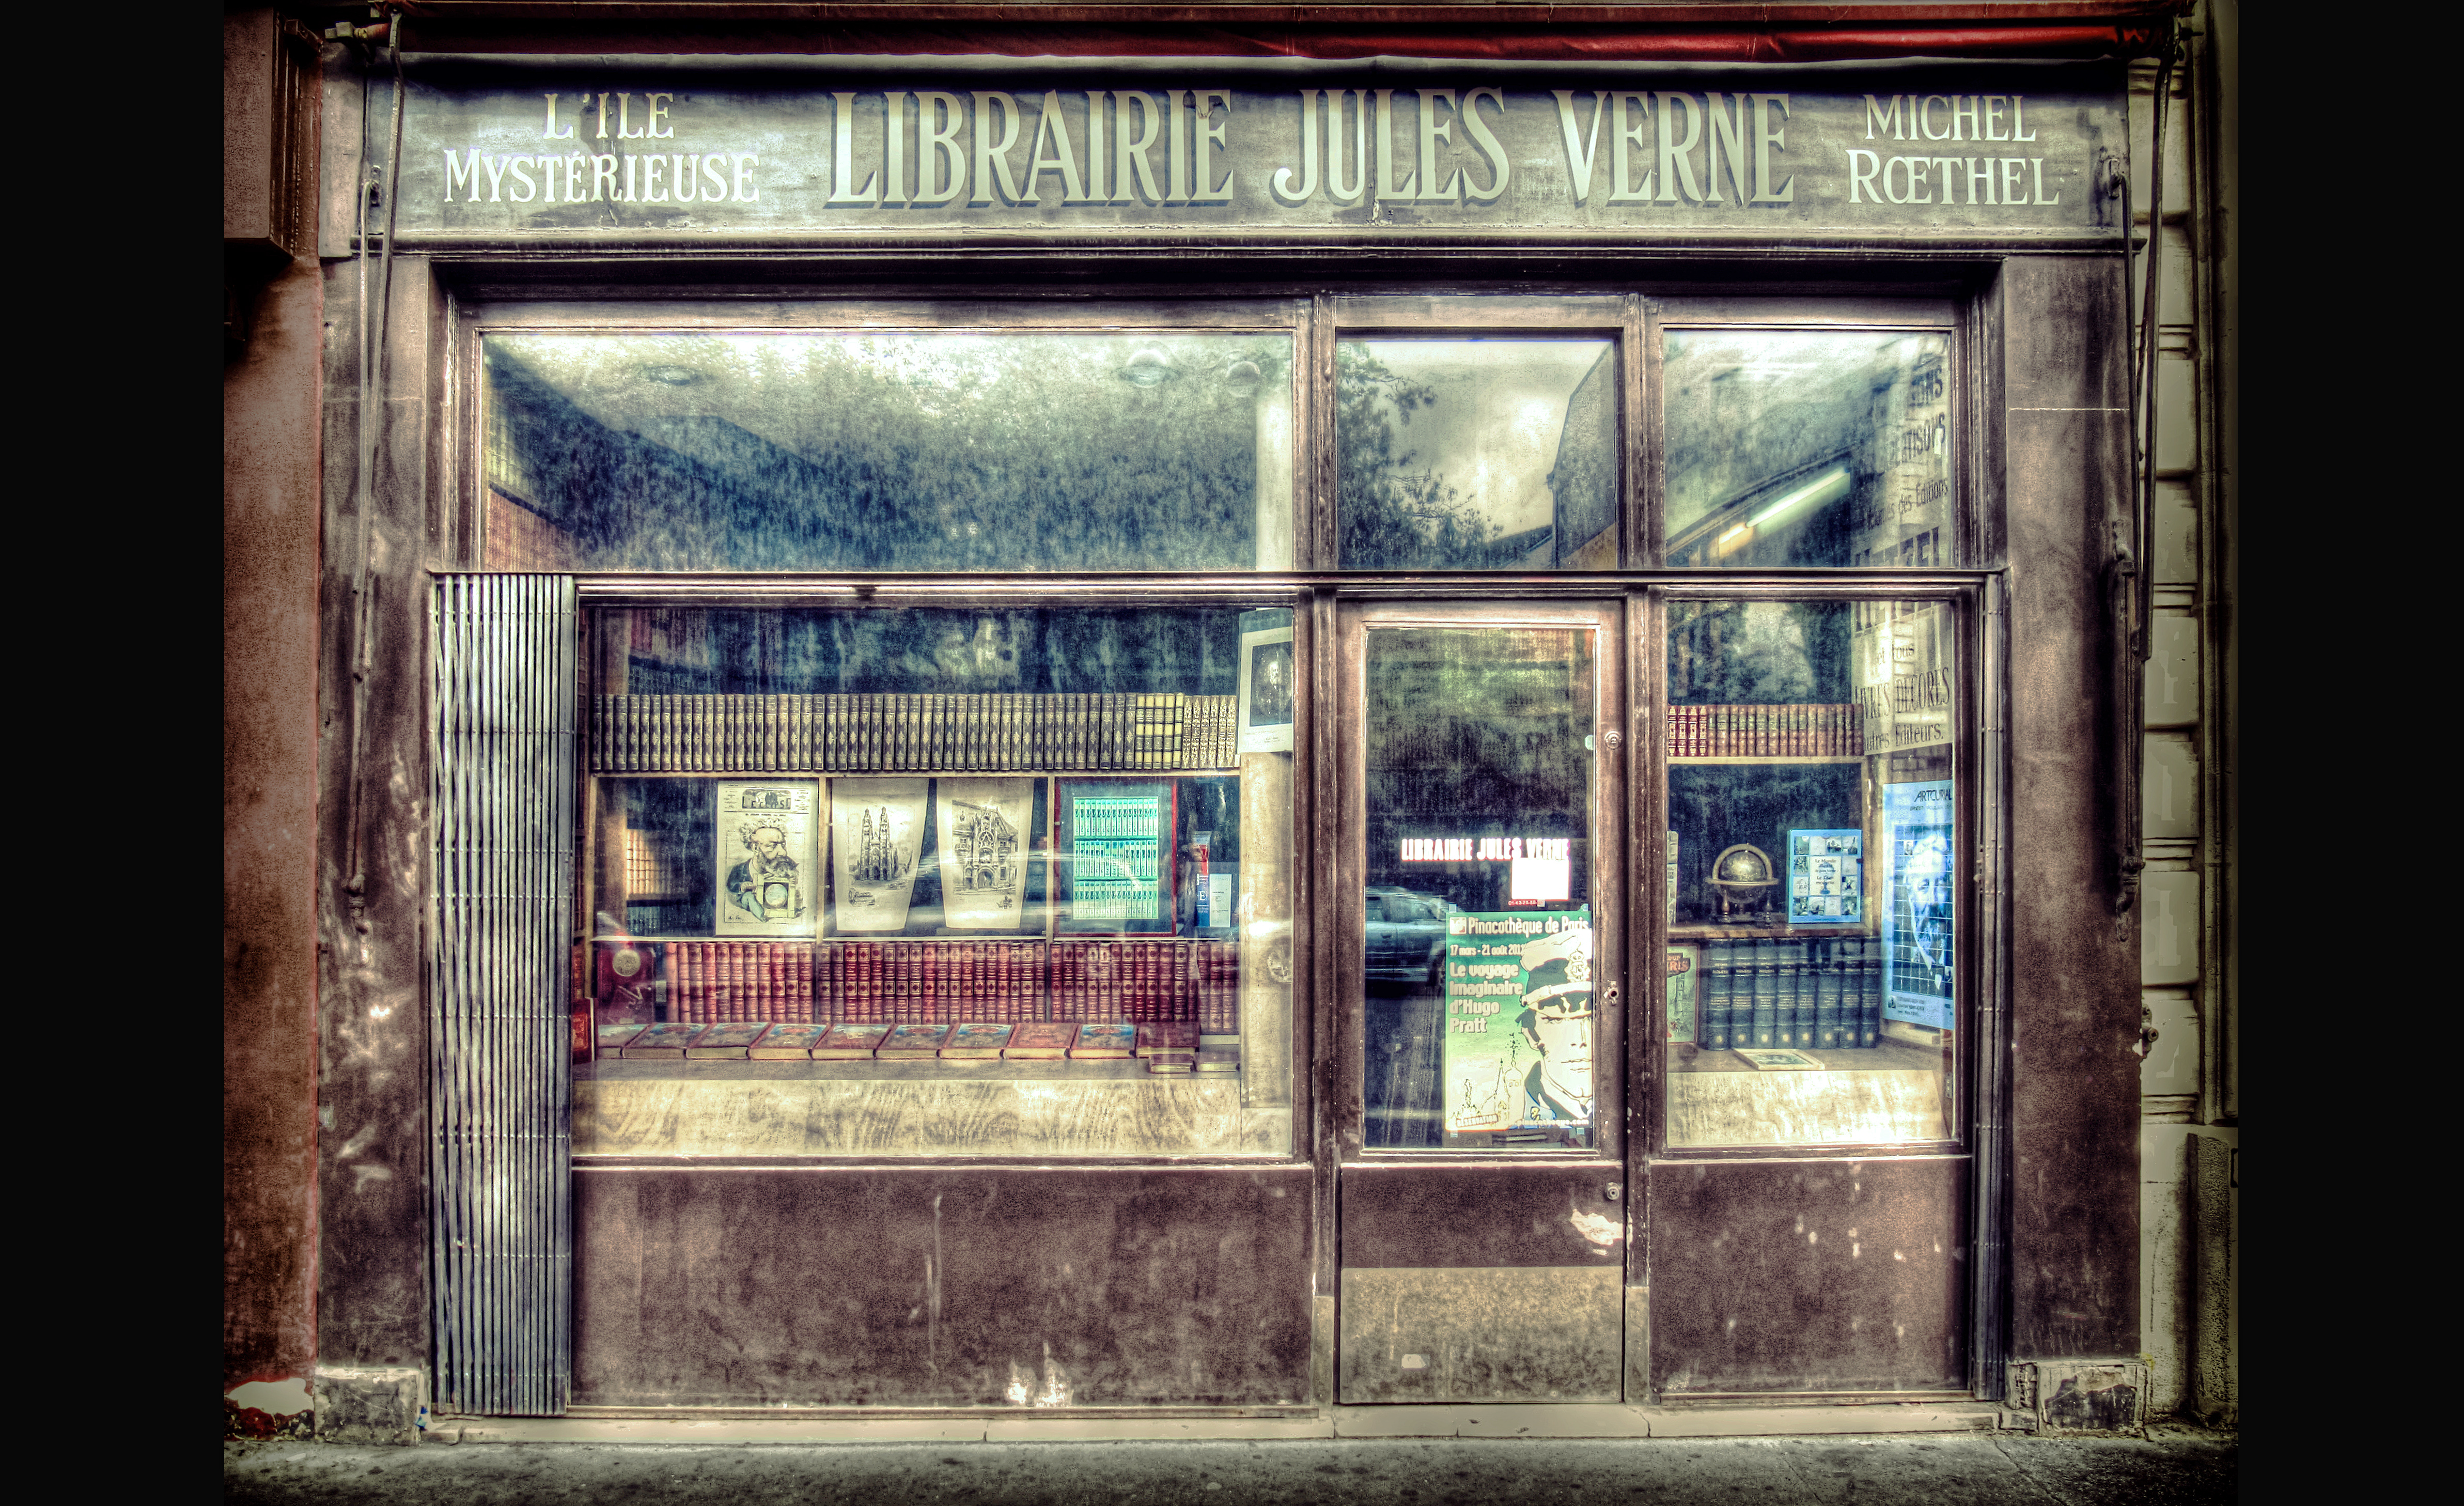 Librairie Jules Verne